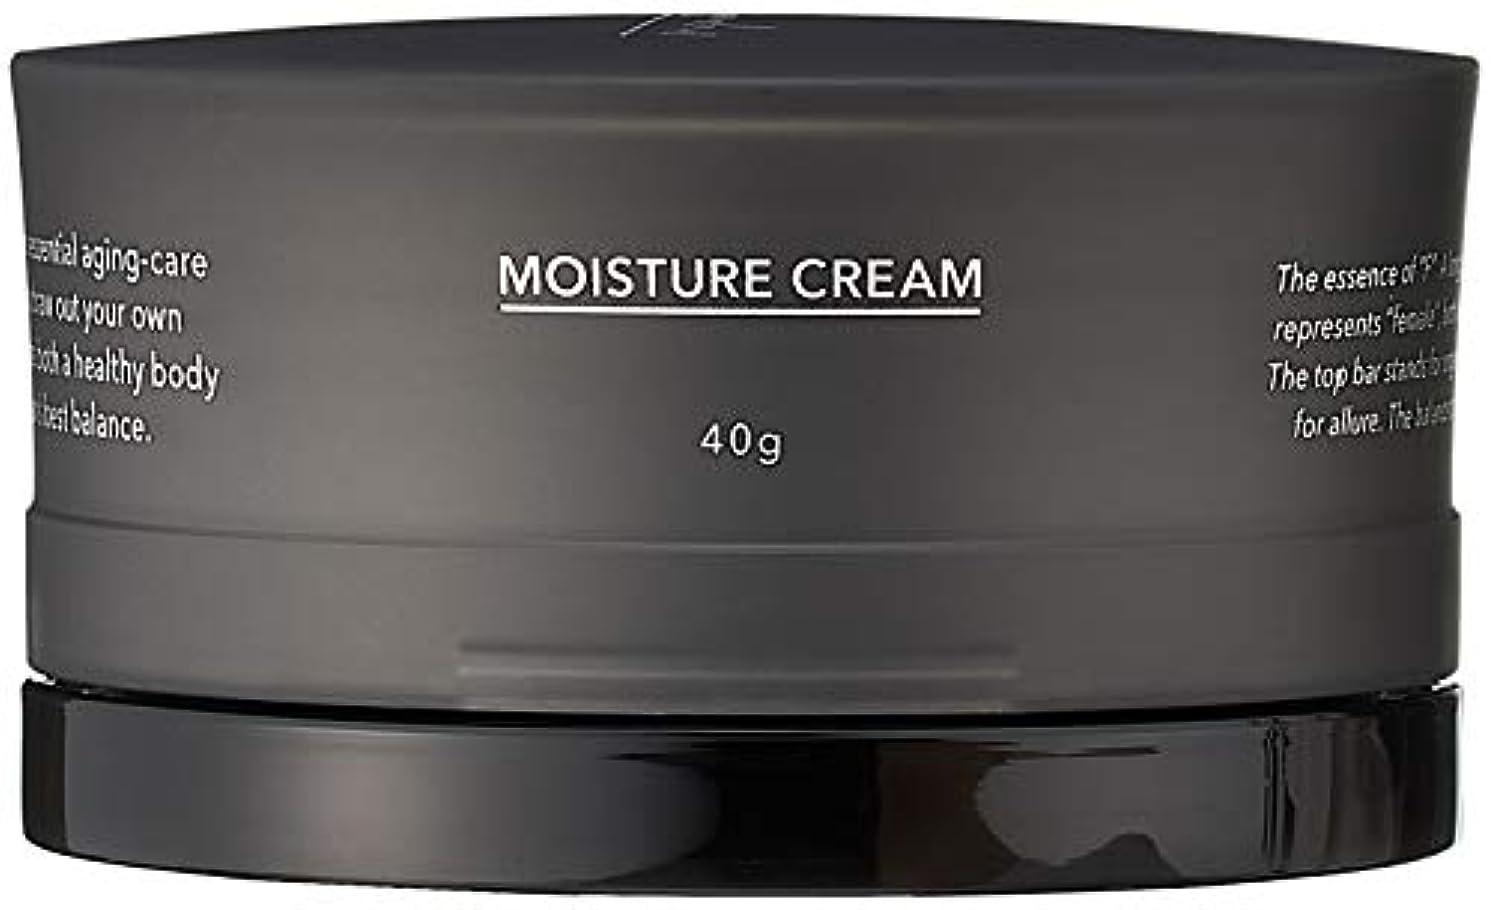 想像力豊かなインディカ尊敬するF organics(エッフェオーガニック) モイスチャークリーム 40g